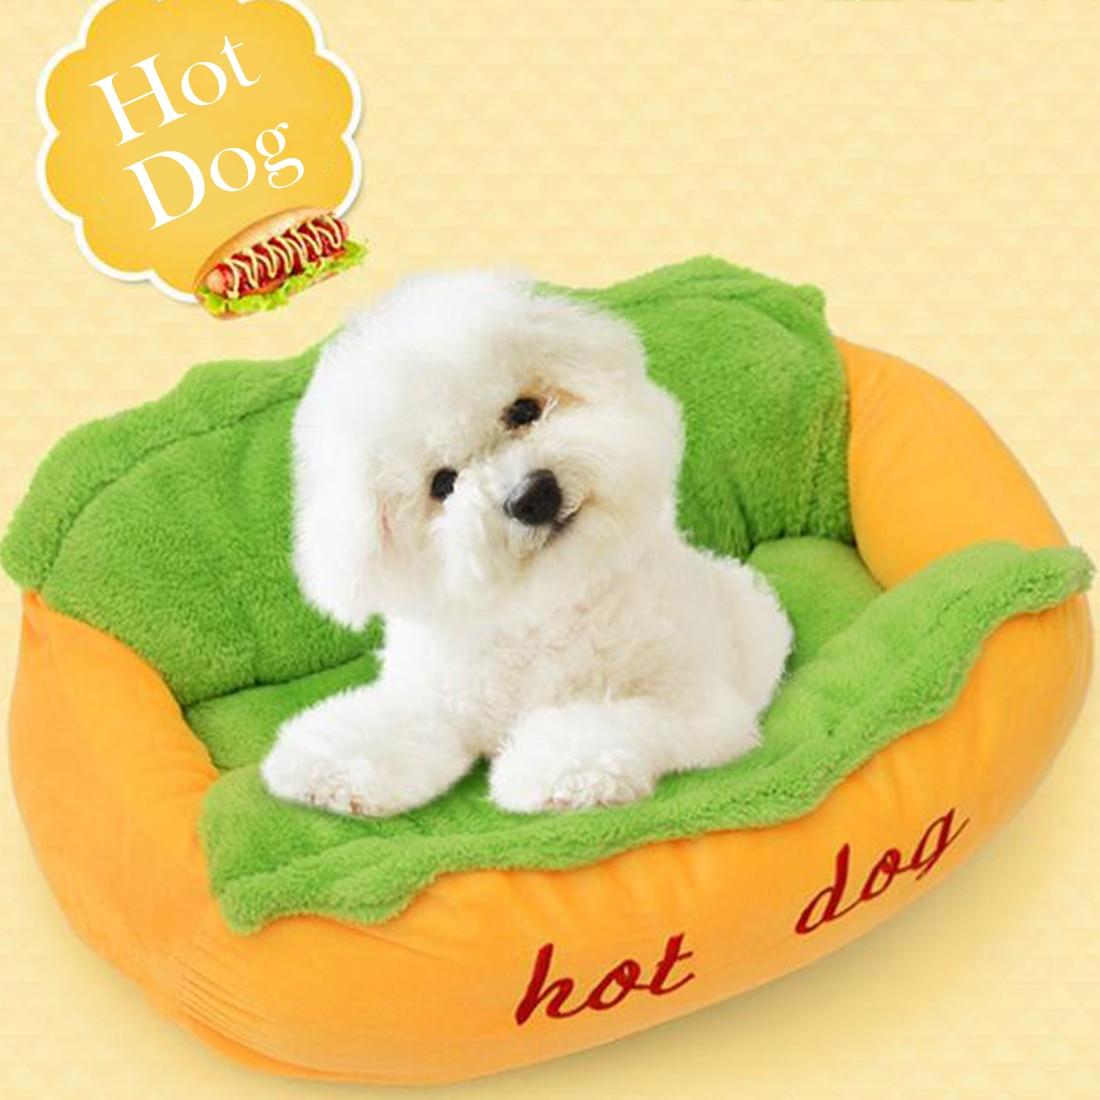 Chaude Chien Lit Animaux Produits pour Chiots Pet Lit pour Animaux Chien Lits pour Les grands Chiens Chat Maison de Chien Lit tapis Chat Canapé Fournitures